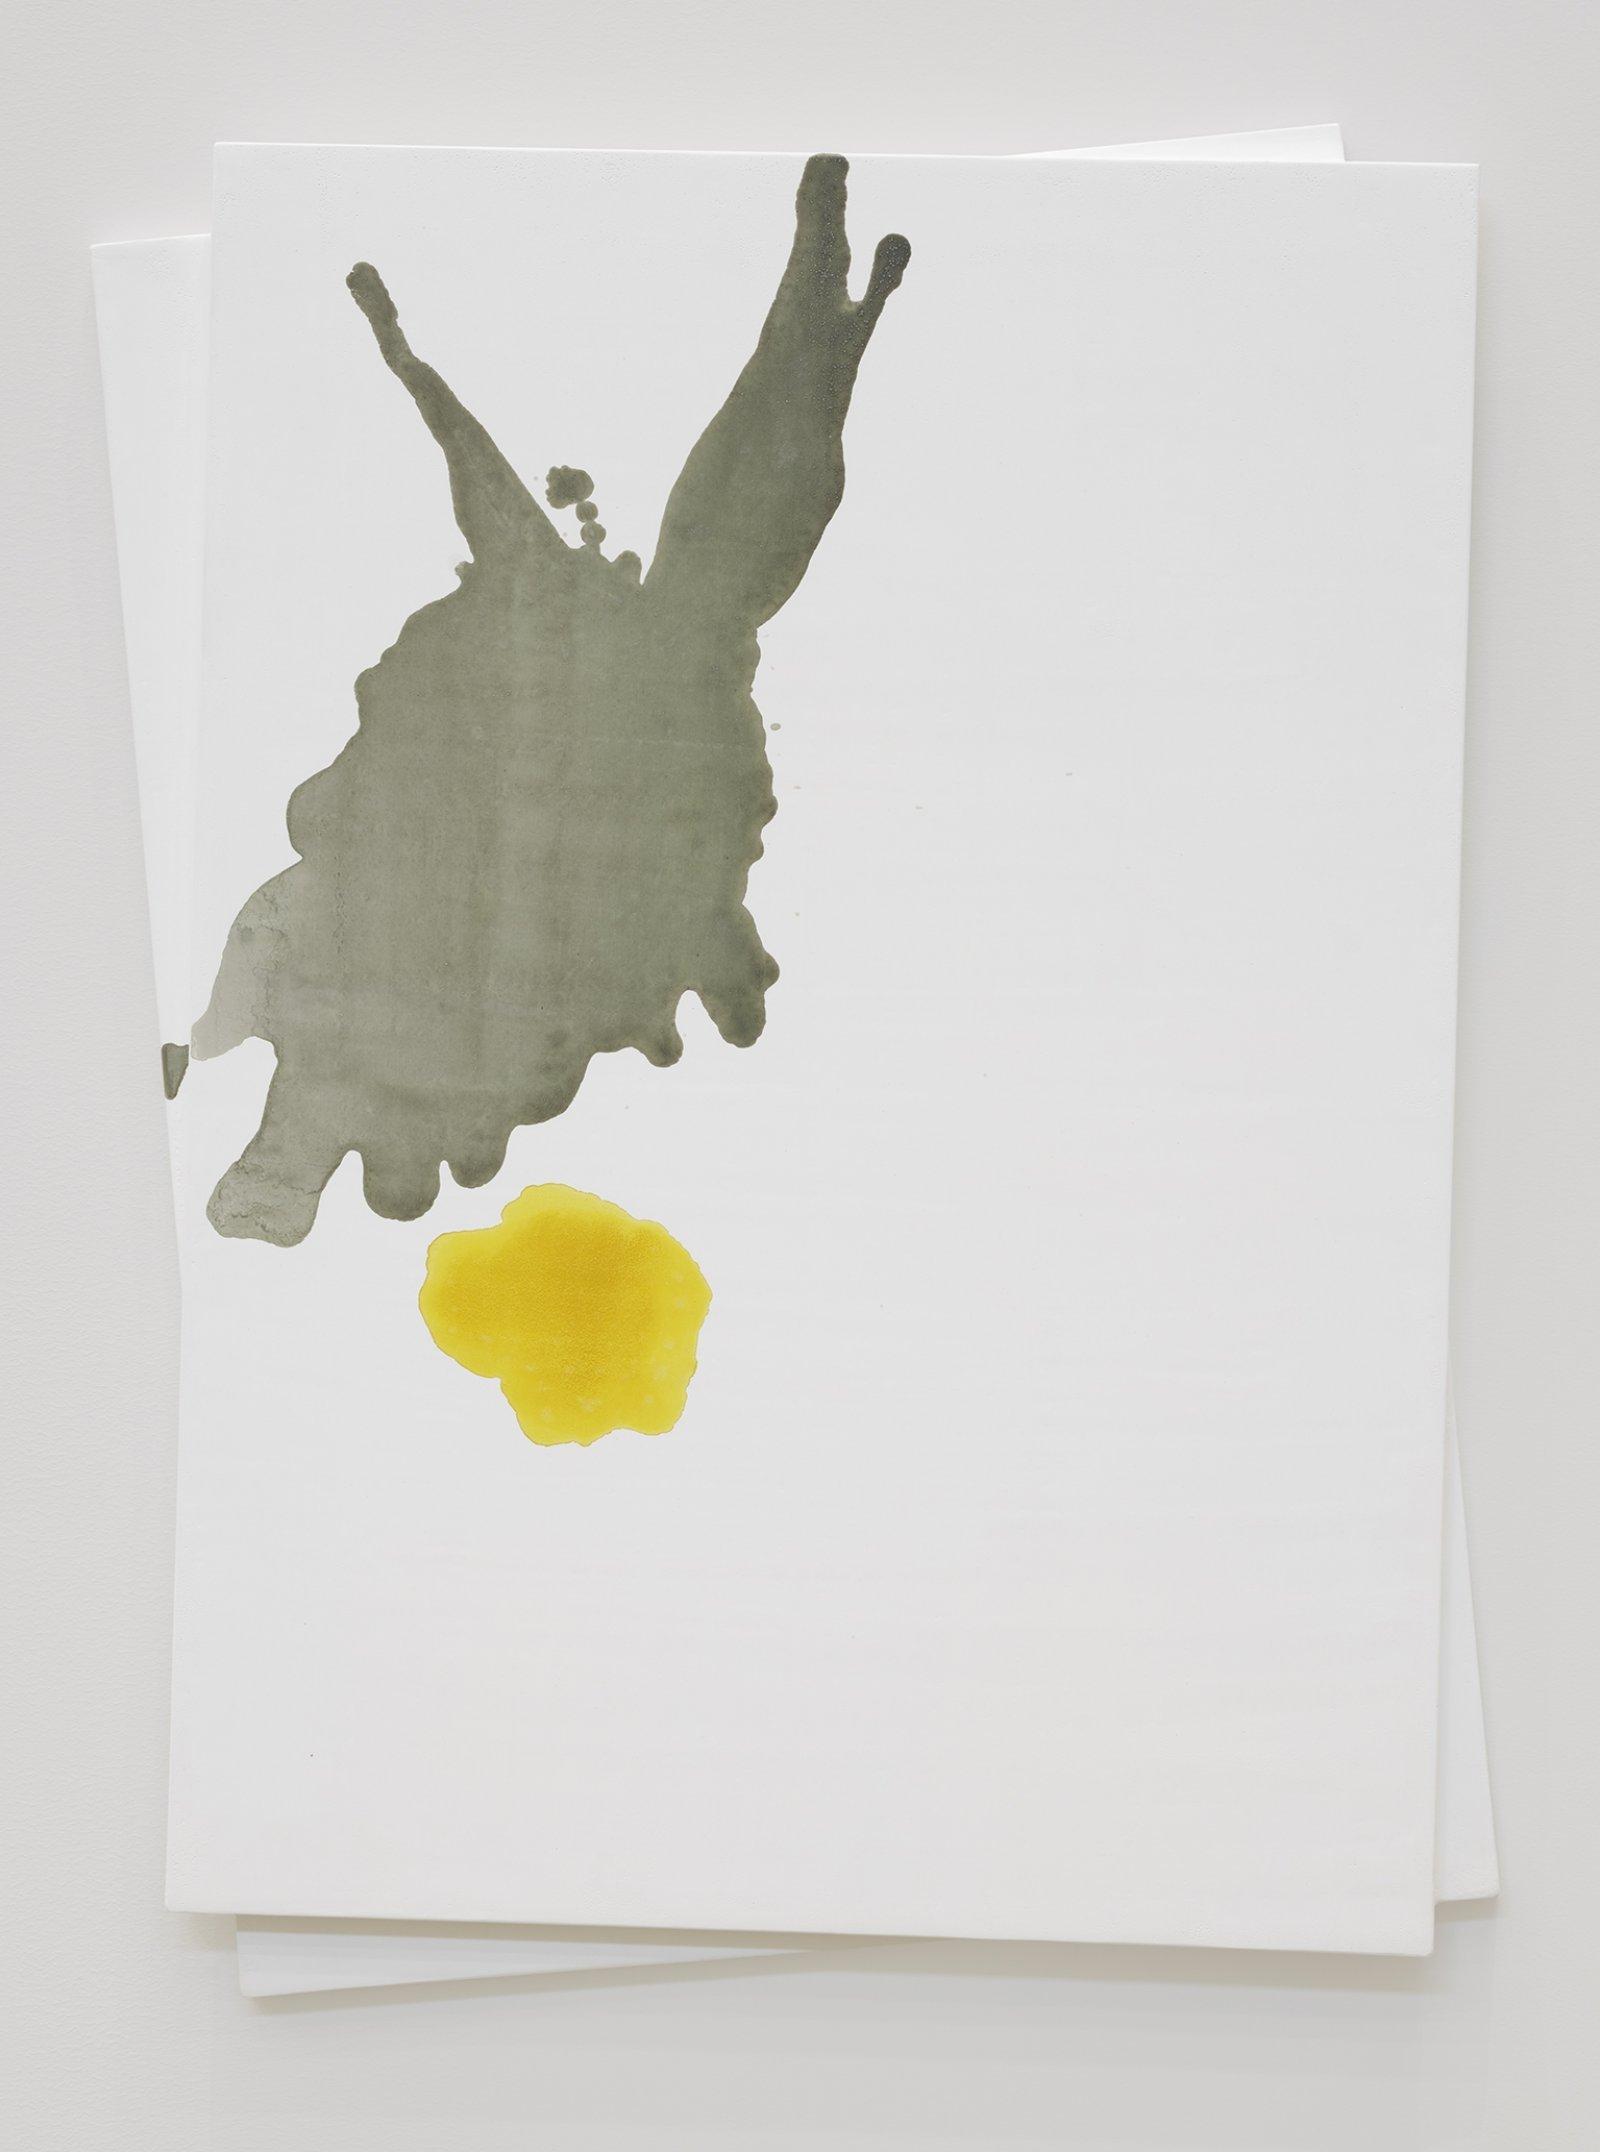 Christina Mackie, Chalk no. 9, 2019, birch ply, chalk gesso, watercolour, 35 x 27 in. (90 x 69 cm) by Christina Mackie